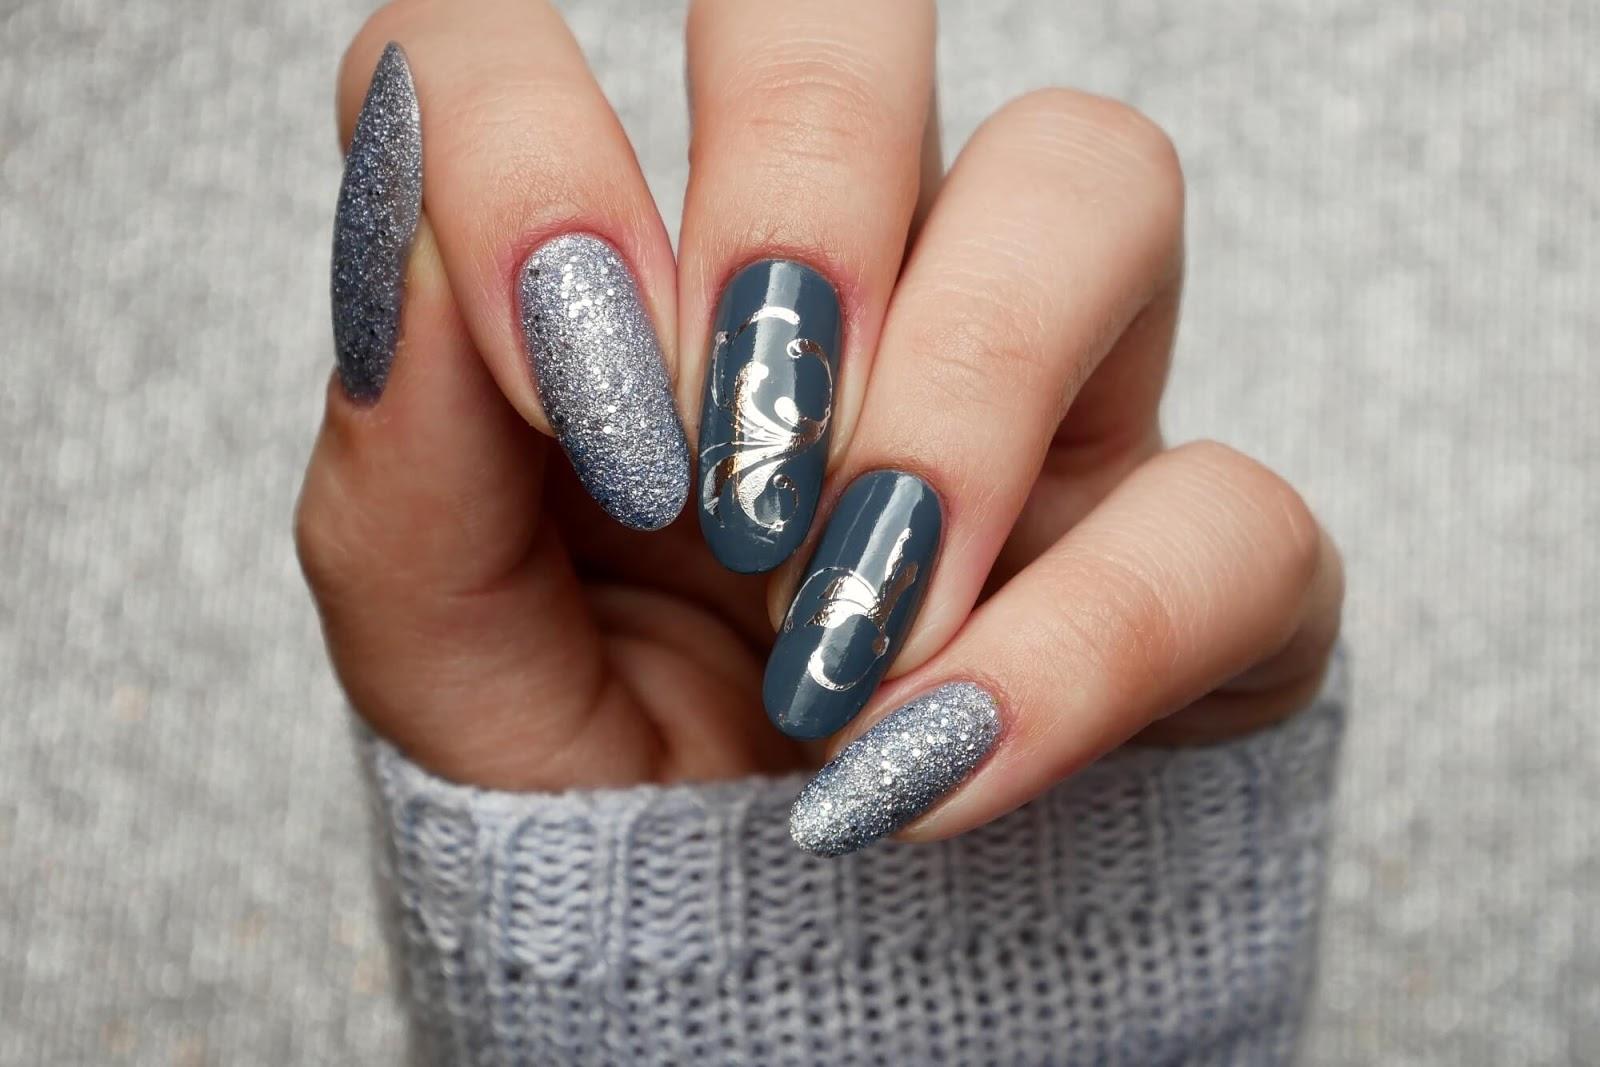 szare paznokcie ze srebrnym